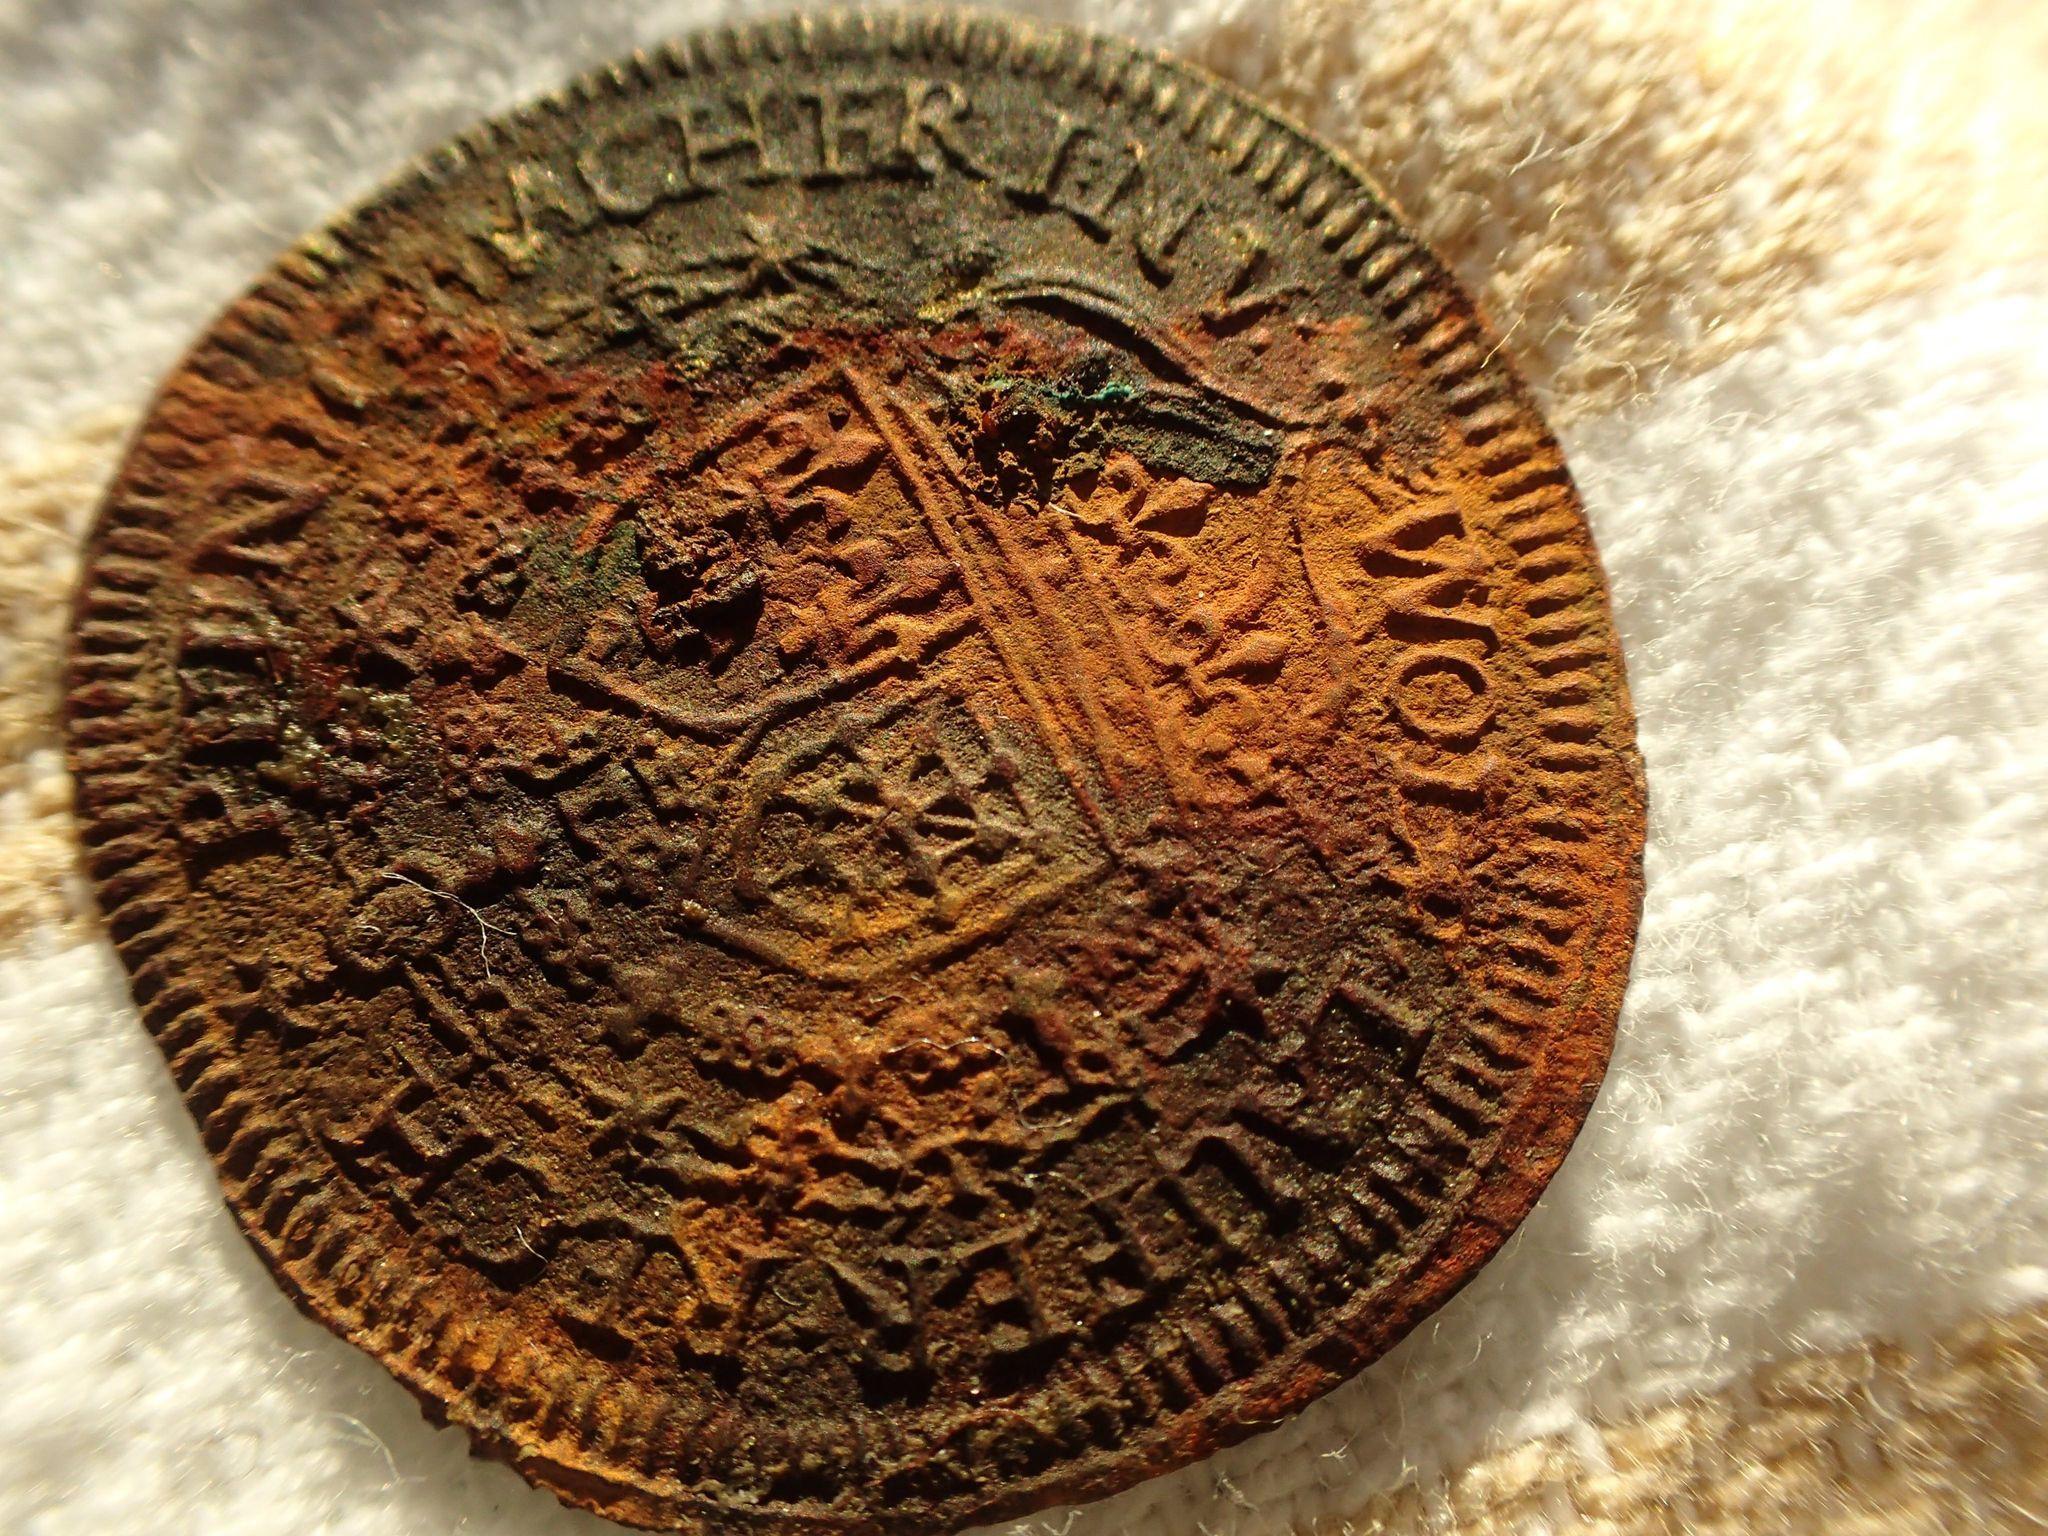 Os arqueólogos também fizeram descobertas da vida diária no navio — incluindo uma moeda de cálculo que foi usada como calculadora na época. (Foto: Morten Johansen / Museu do Navio Viking em Roskilde, Dinamarca)